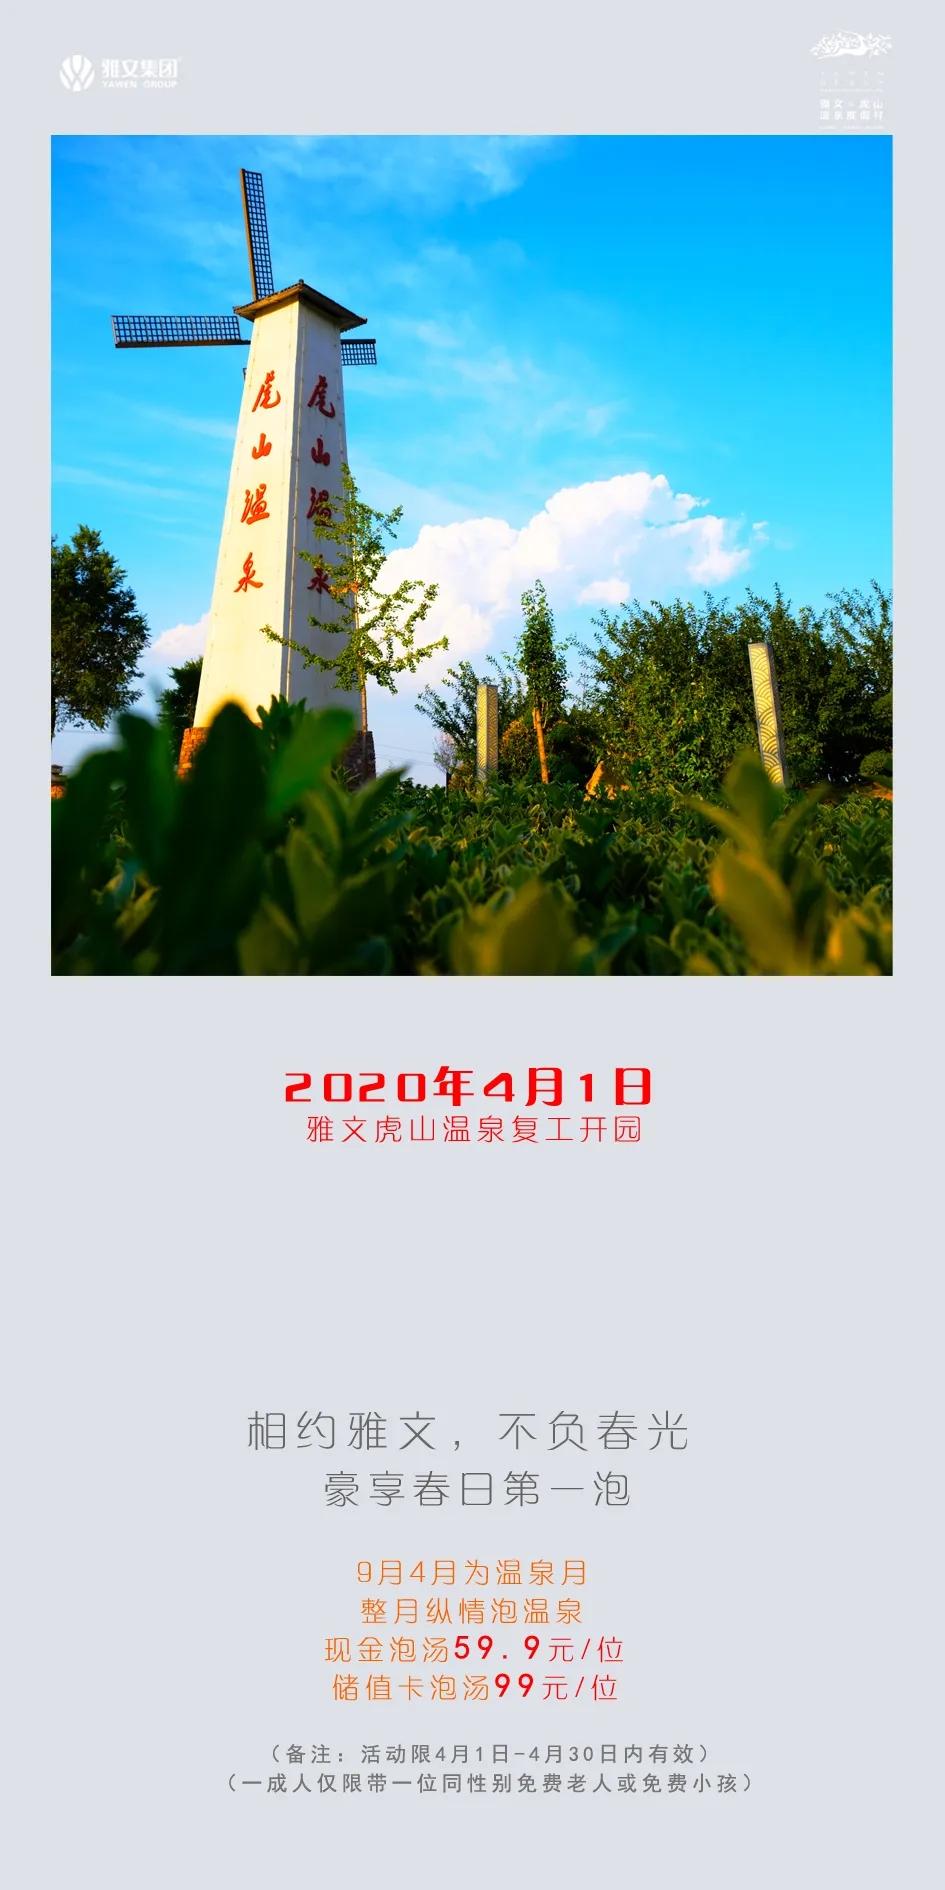 雅文虎山温泉4月1日复工开园